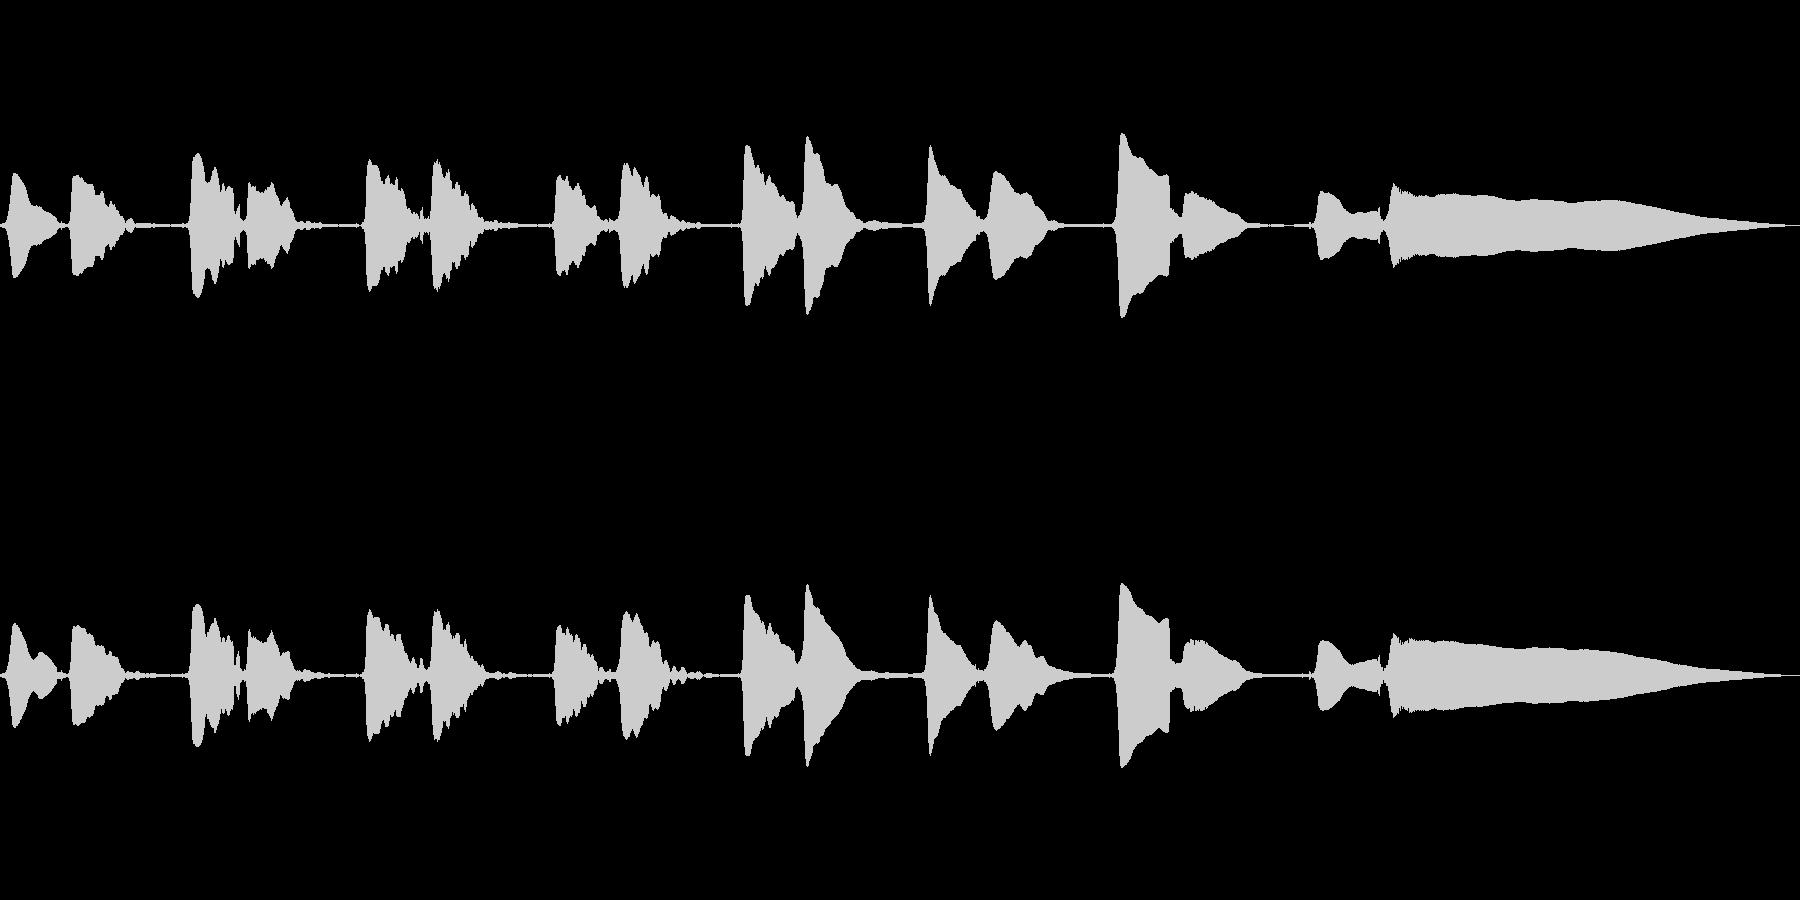 サックスソロの曲です。の未再生の波形